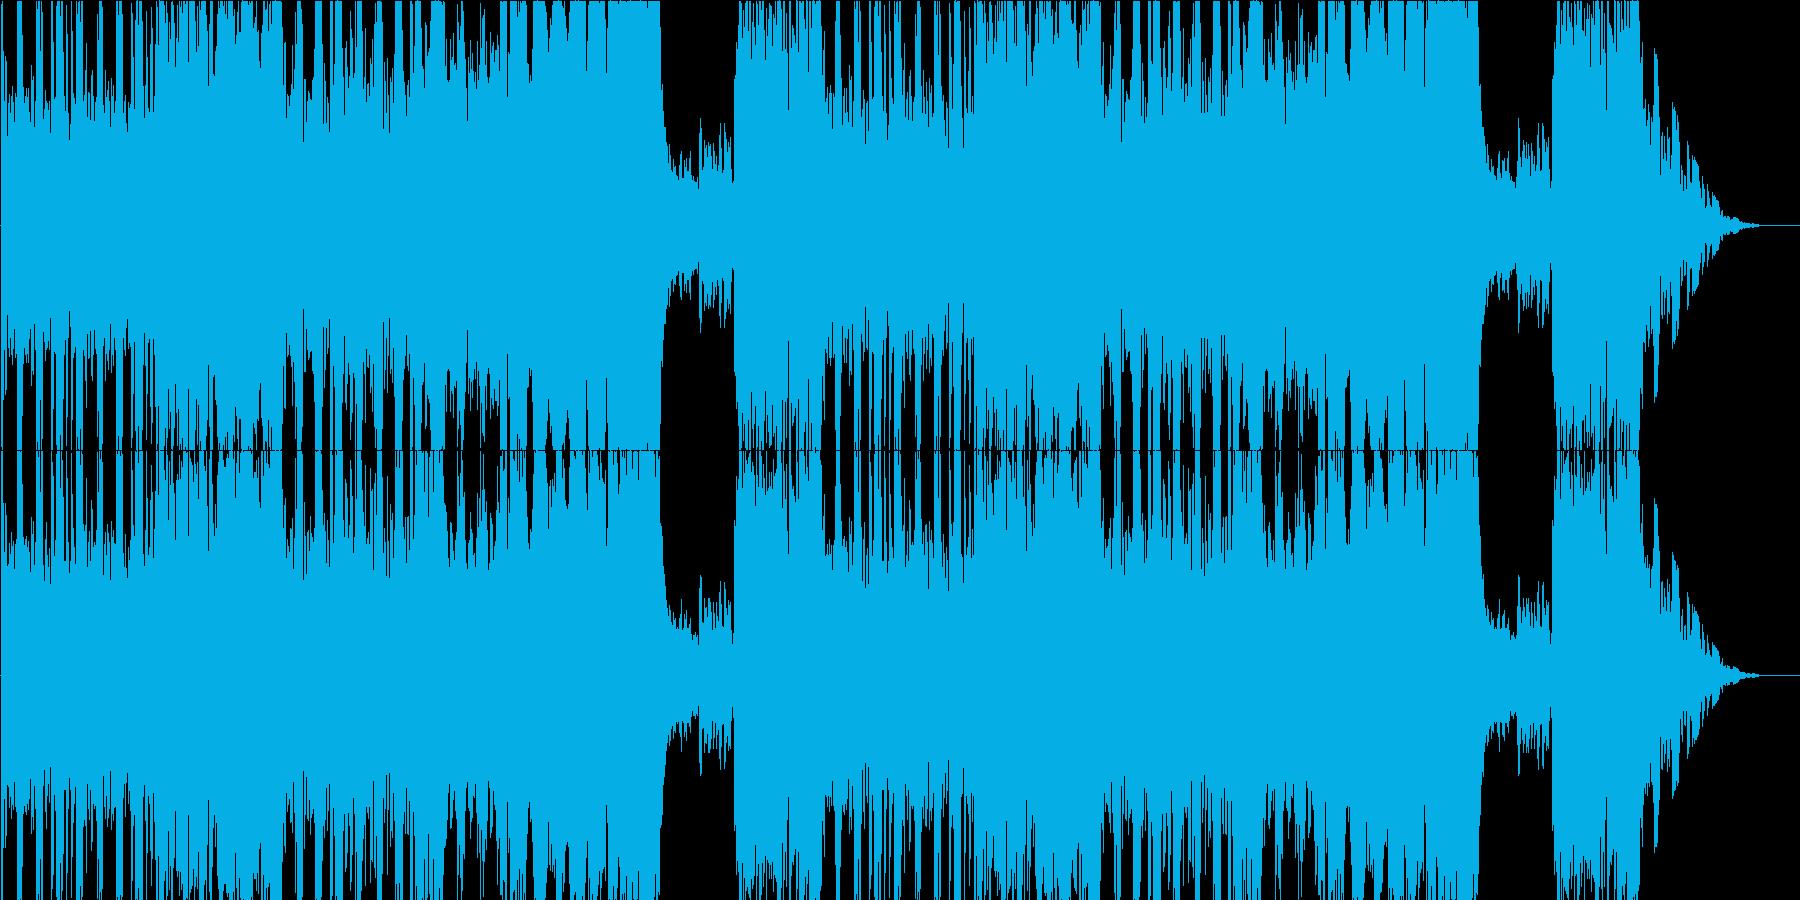 焦燥感を煽るような6拍子の曲の再生済みの波形